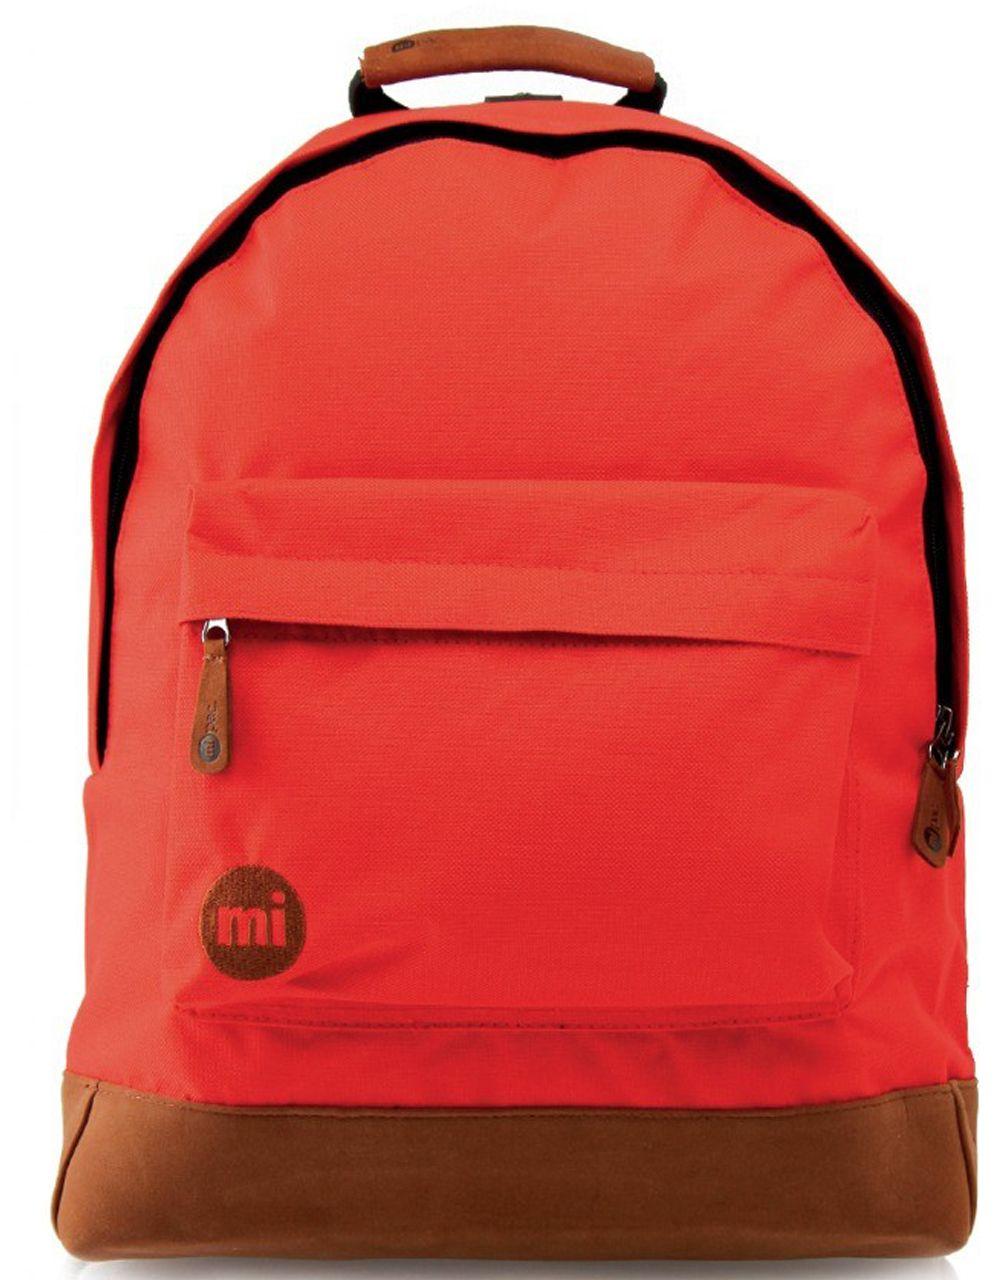 Молодежные рюкзаки онлайн где в г.омске ремонтируют чемоданы